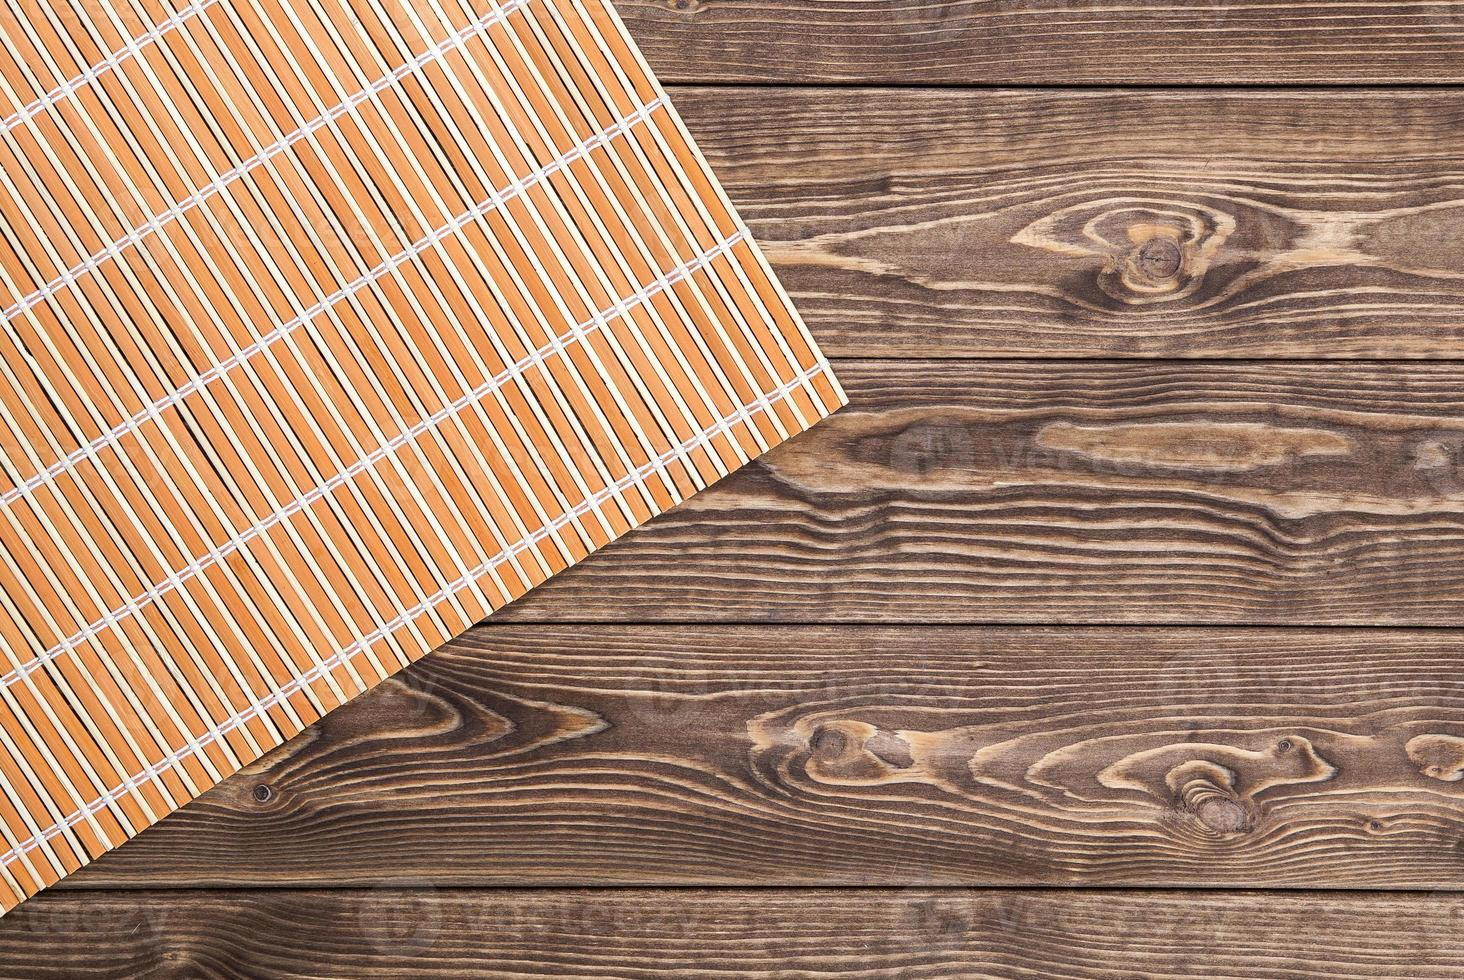 Bambusserviette auf Holztisch. Draufsicht foto